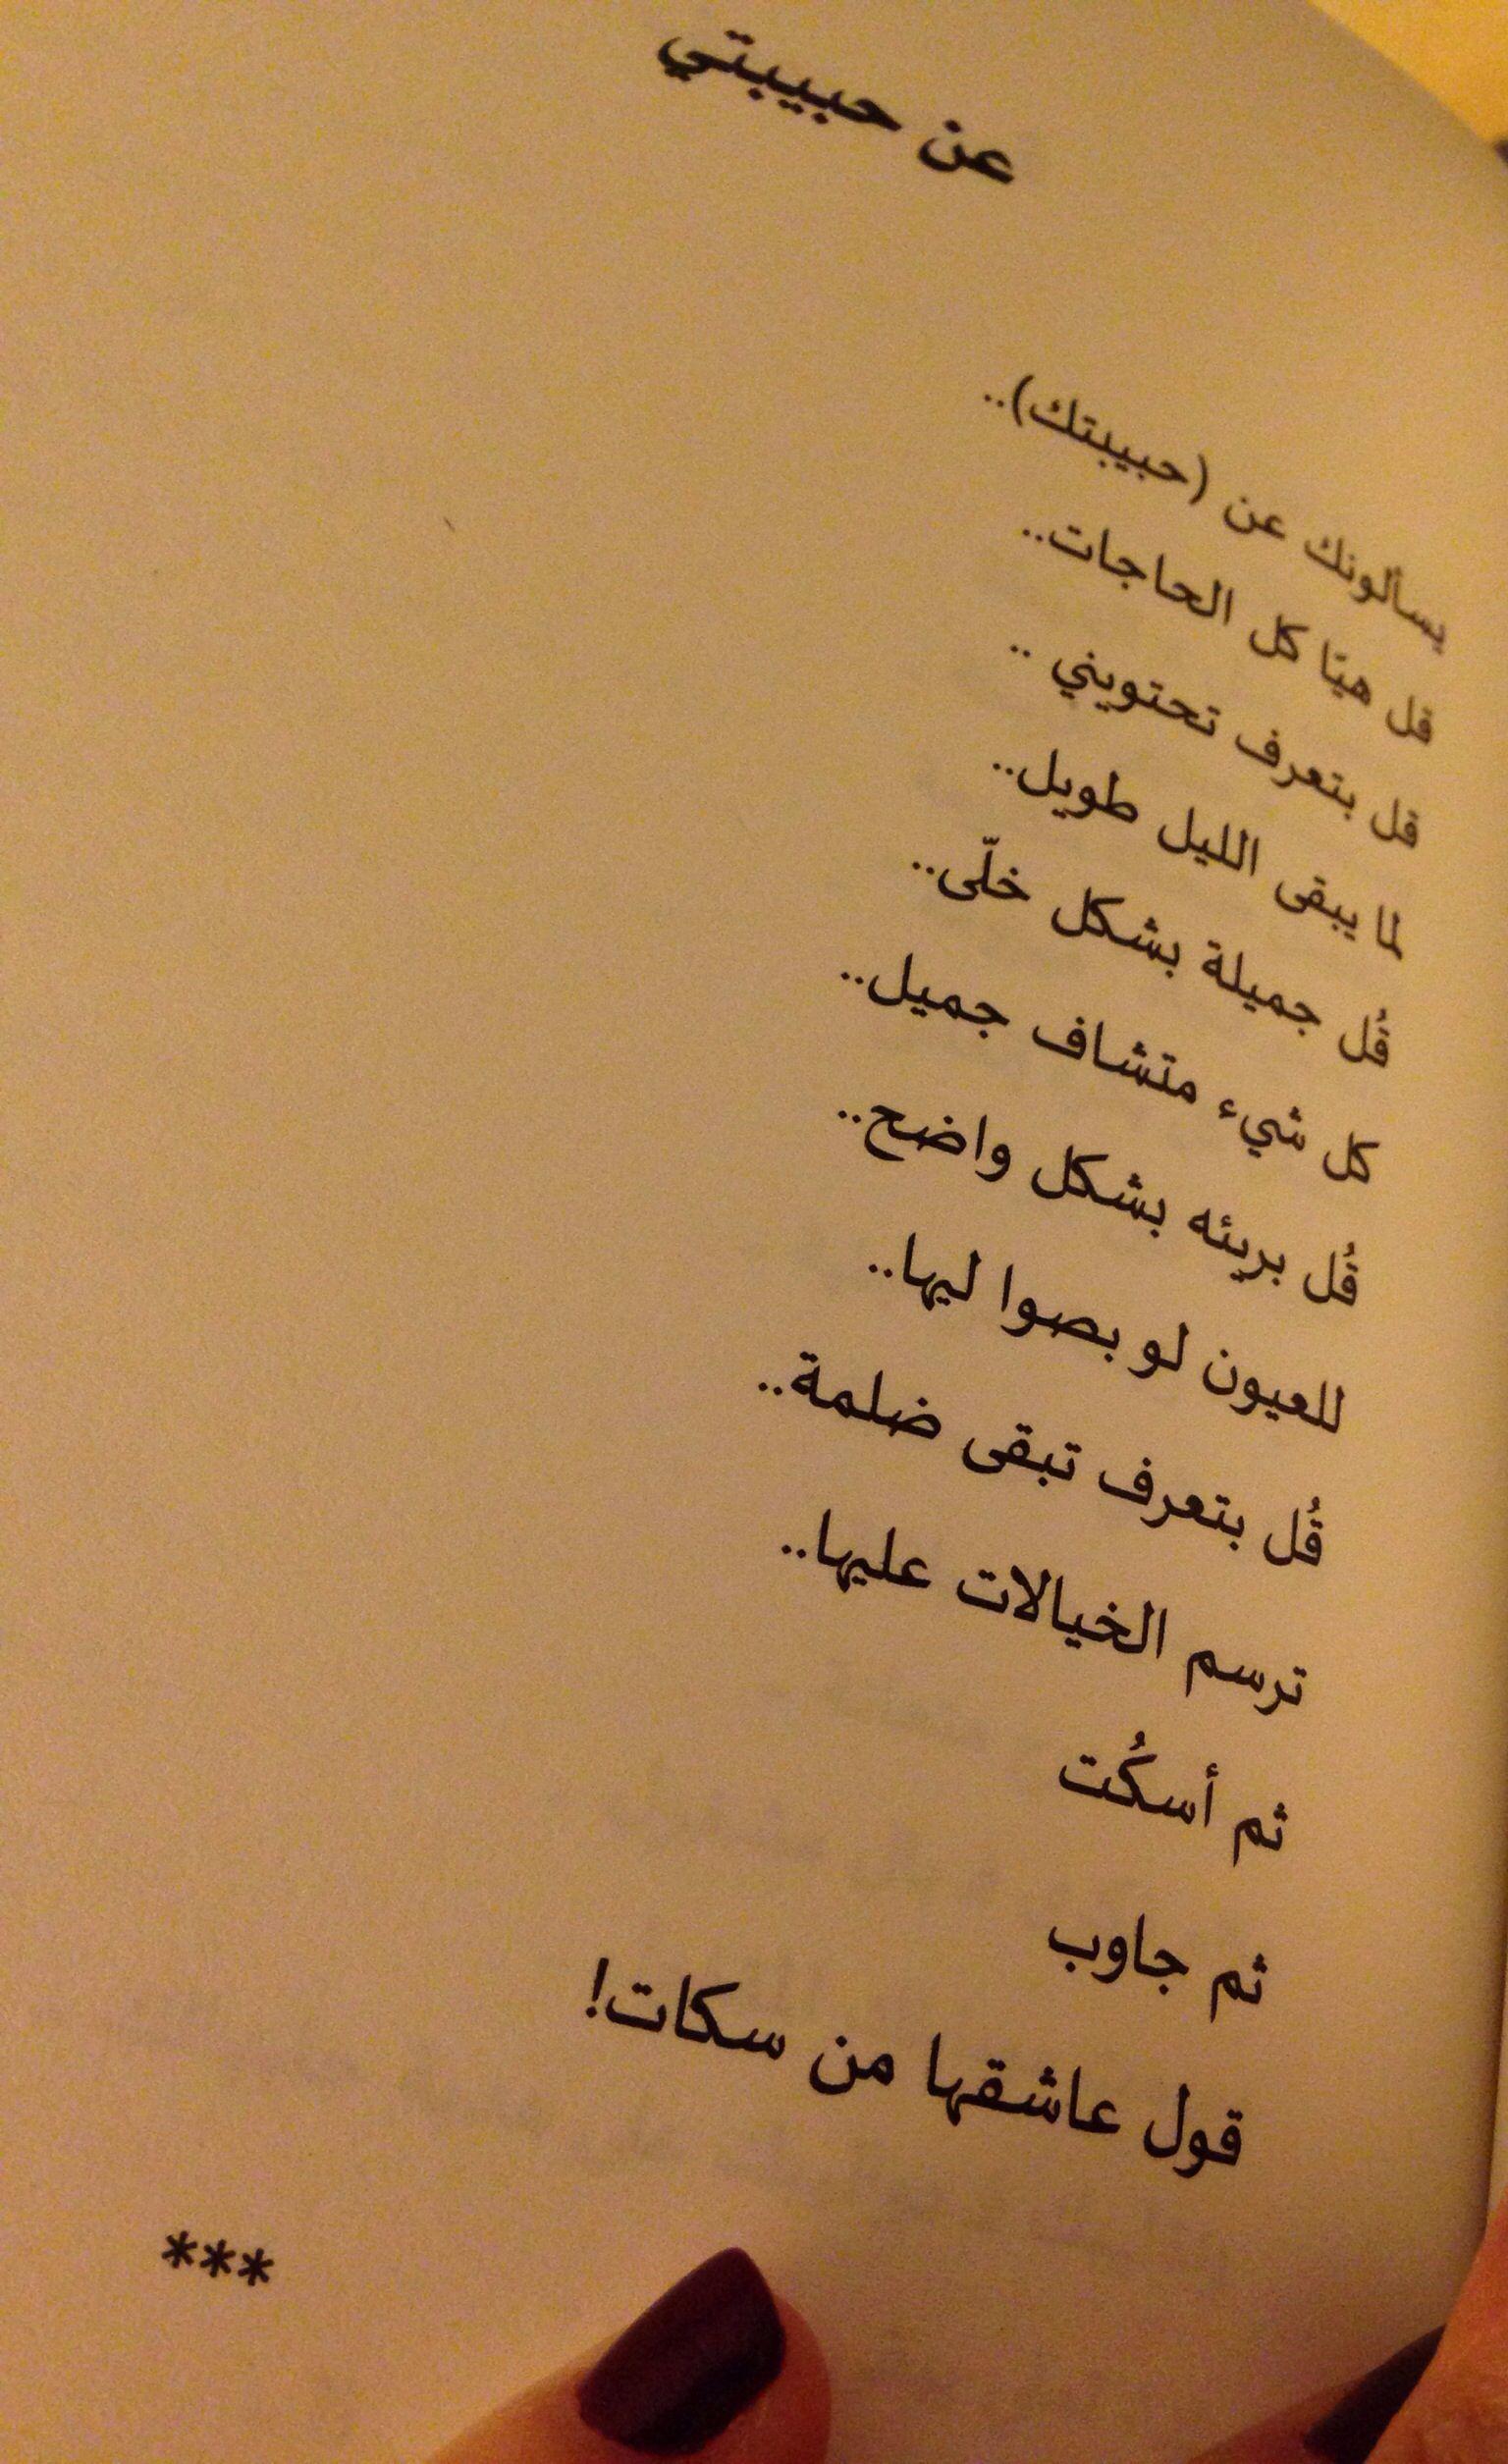 بالصور كلام لحبيبتي , اجمل كلام الحب الرومانسي 3116 3